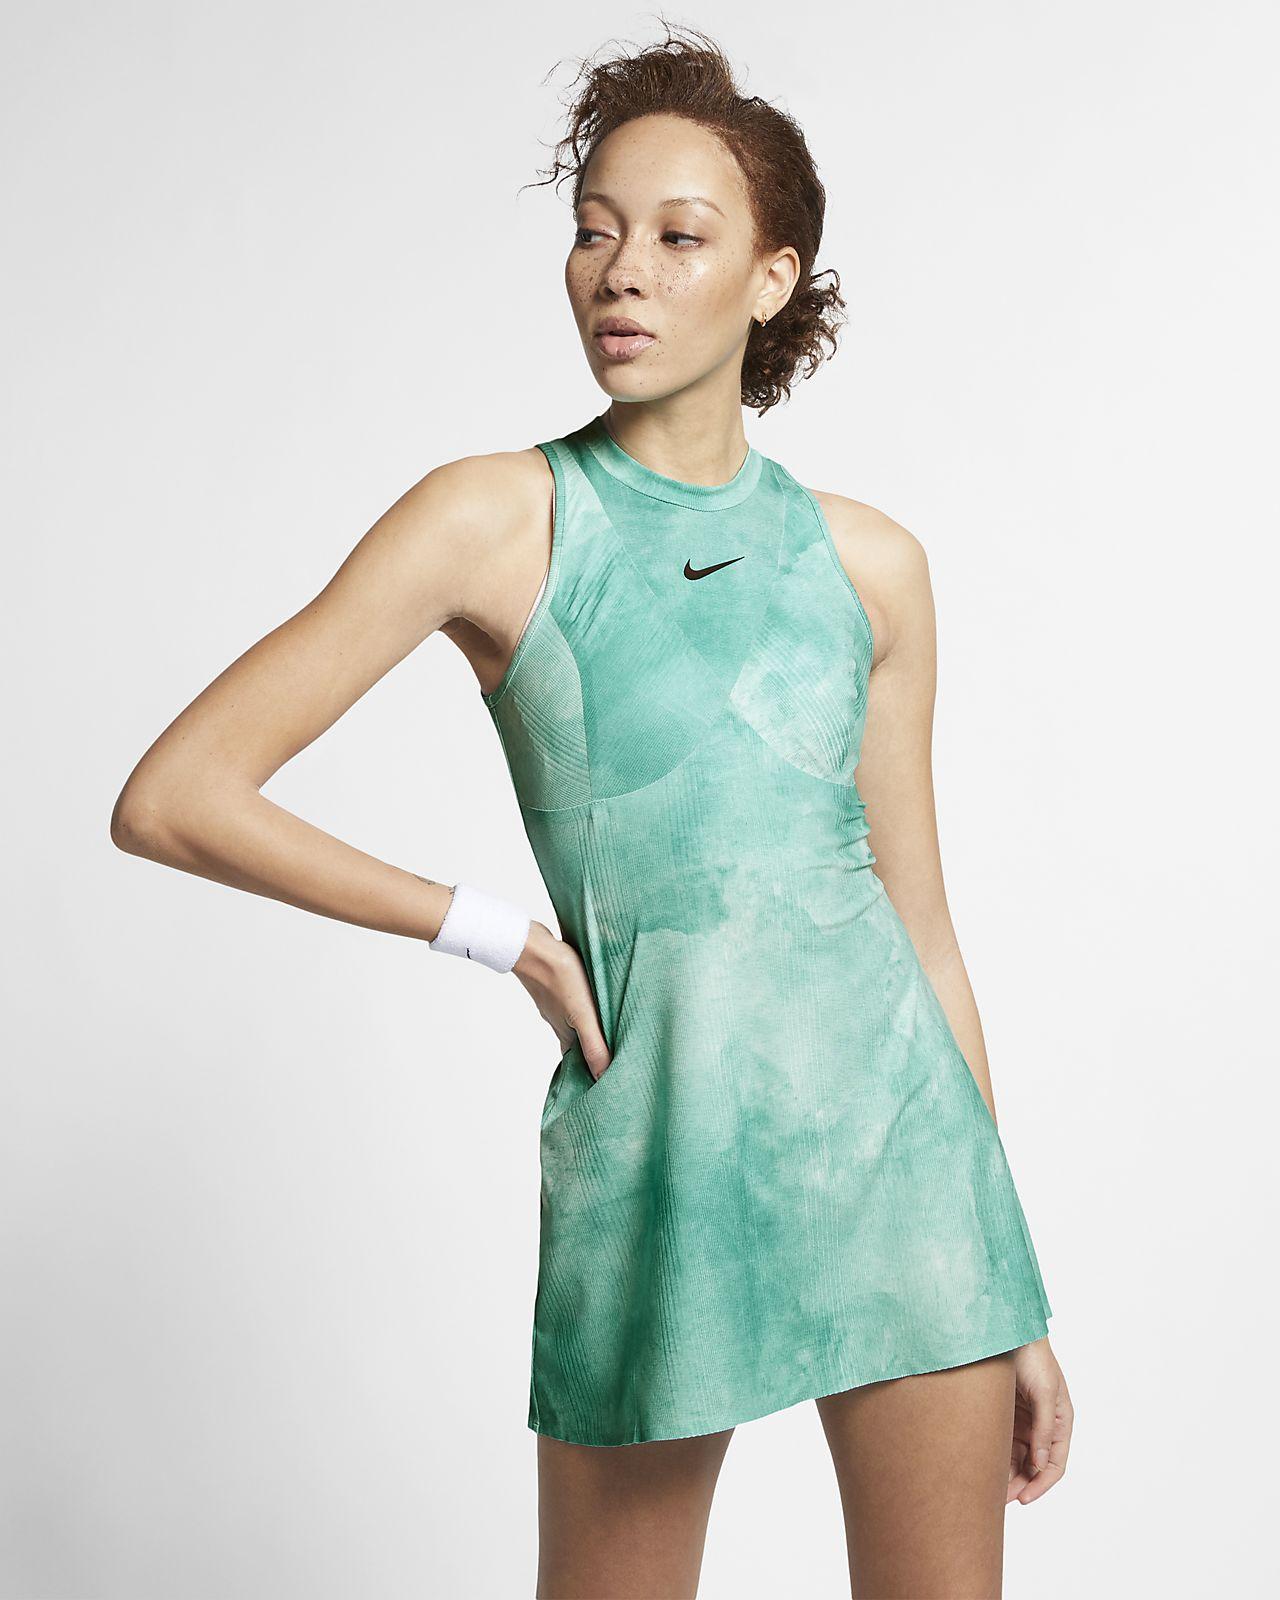 a1e80309eaa4 NikeCourt Dri-FIT Maria Women's Printed Tennis Dress. Nike.com